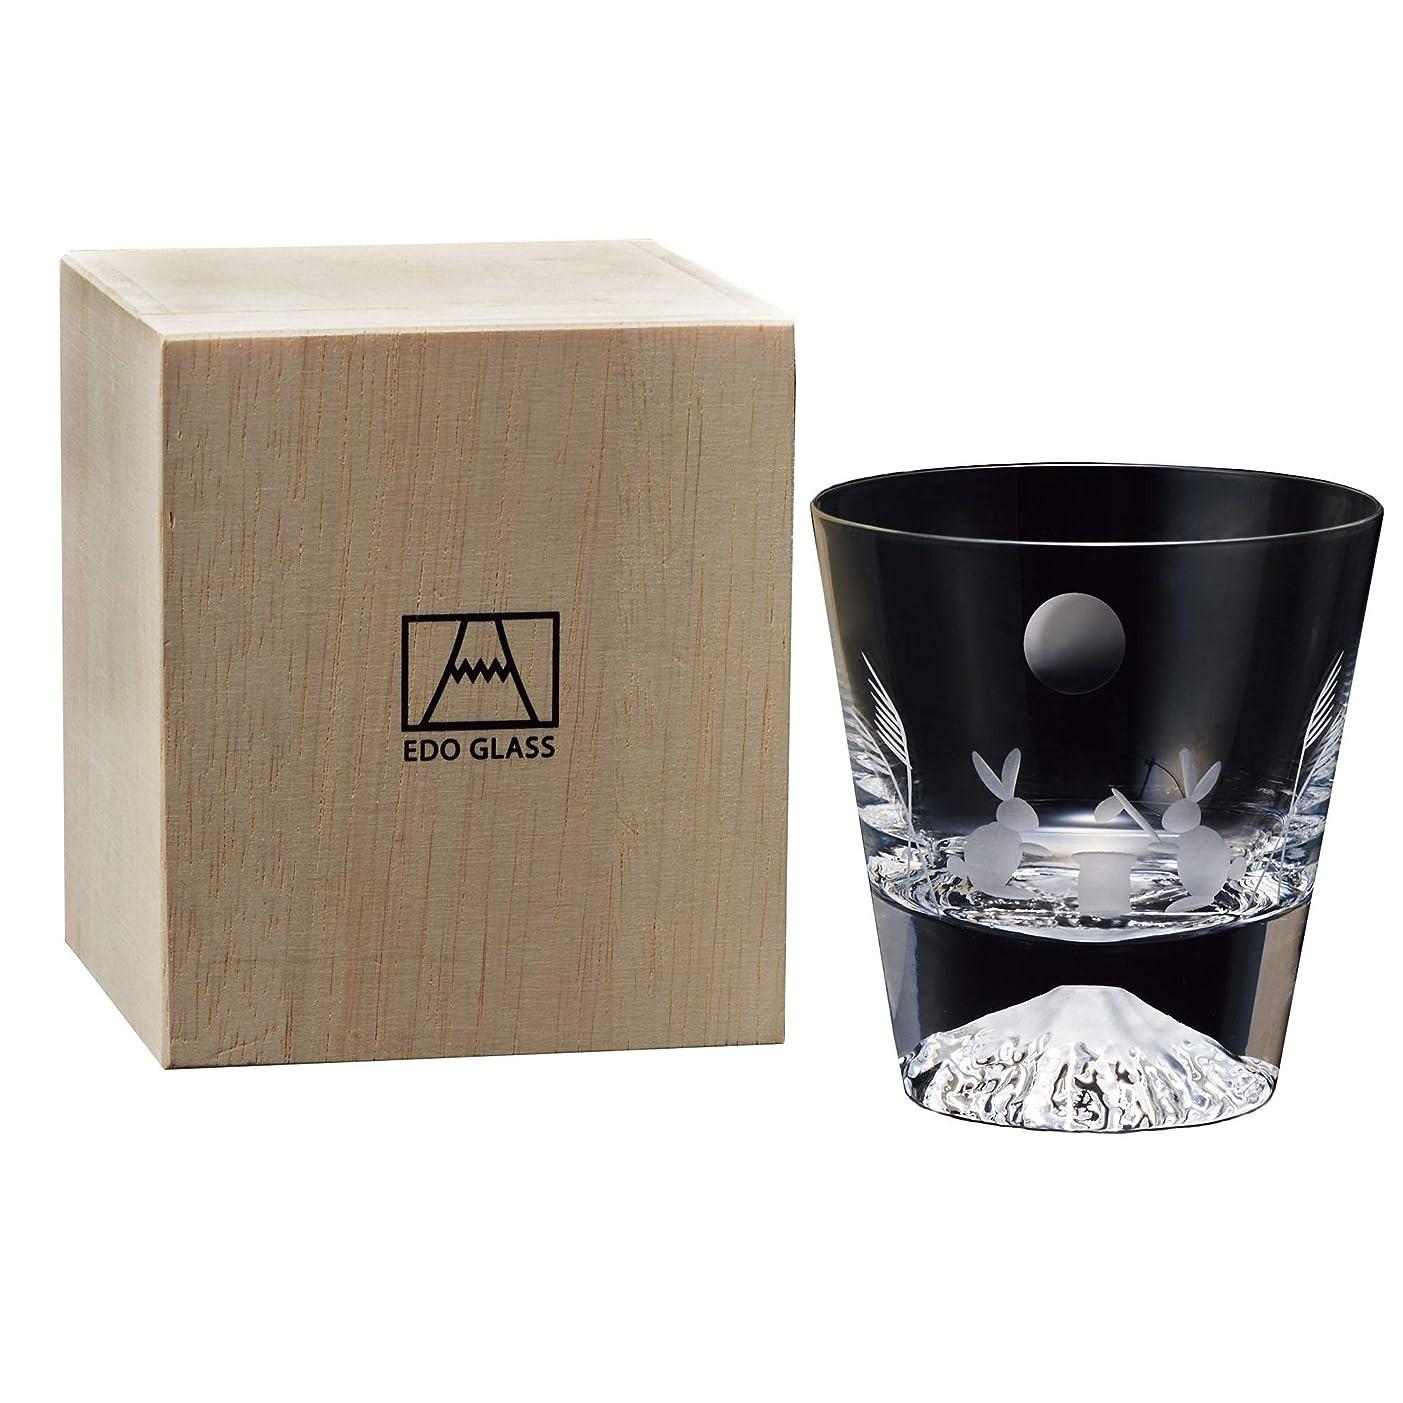 皮肉なパニック気候田島硝子 江戸硝子 富士山 ロックグラス 透明 木箱入 季節柄 (月とうさぎ)